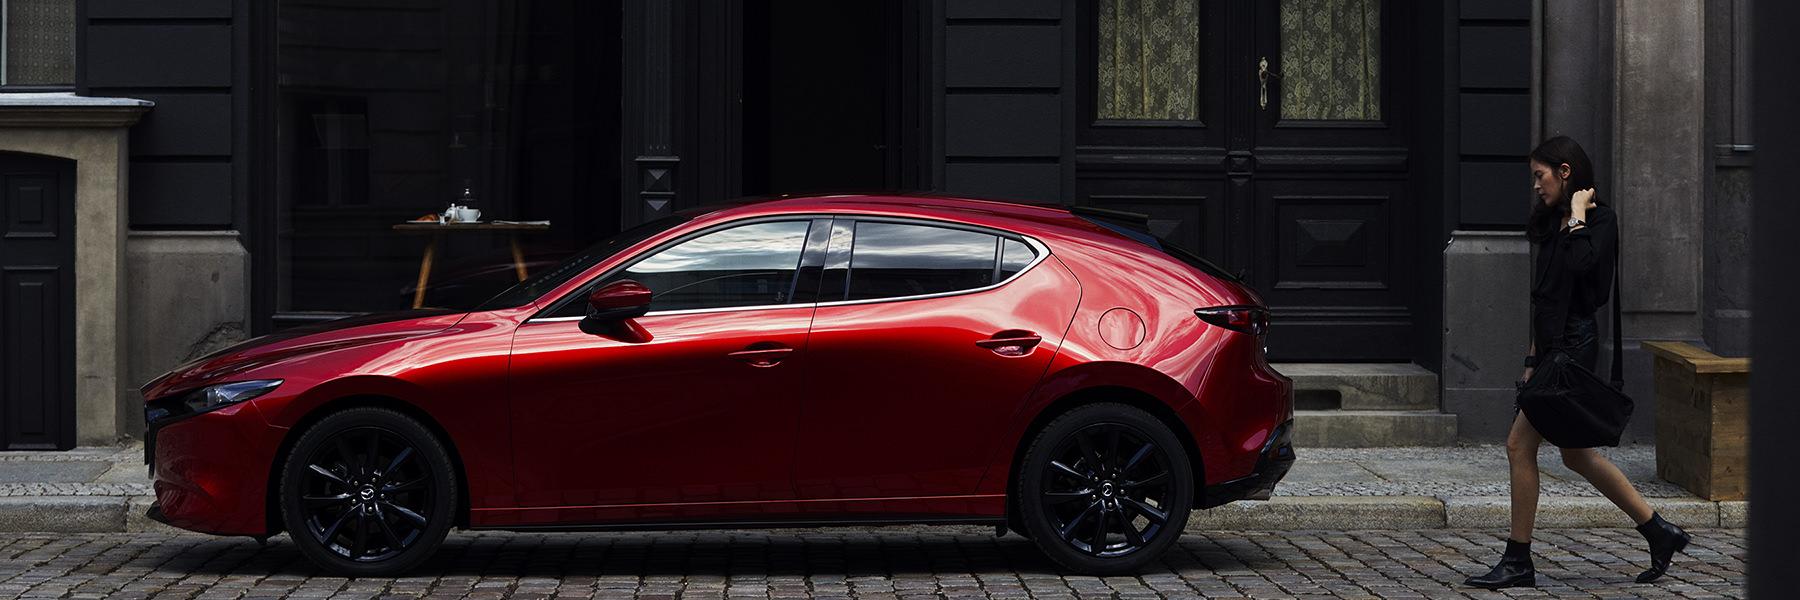 Zaktualizowano Mazda Motor Europe - oficjalna strona. Mazda - Drive Together PX36